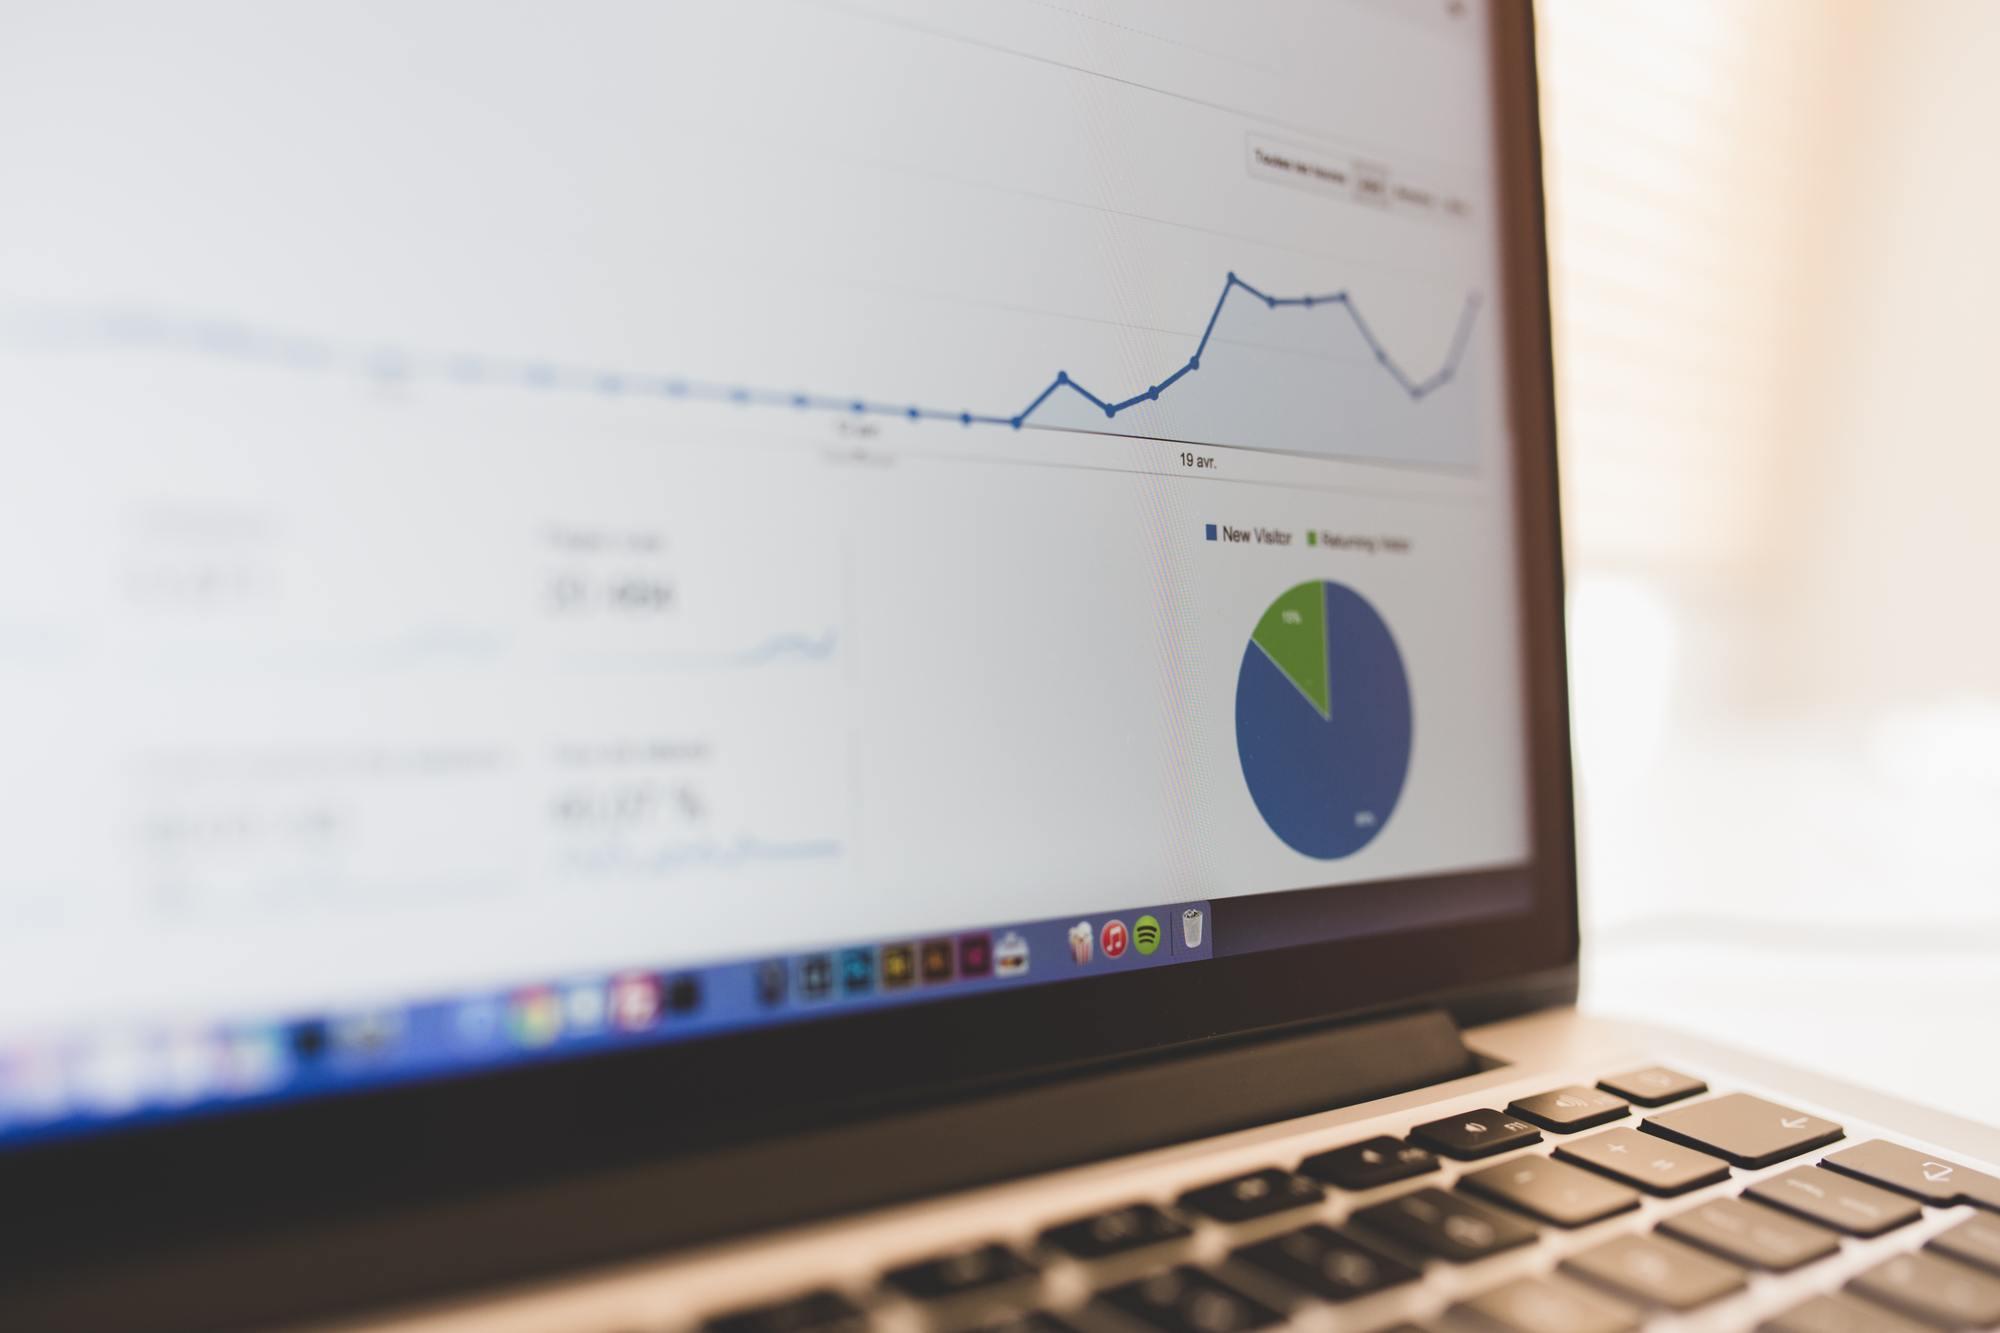 Ekran laptopa wyświetlający wykres